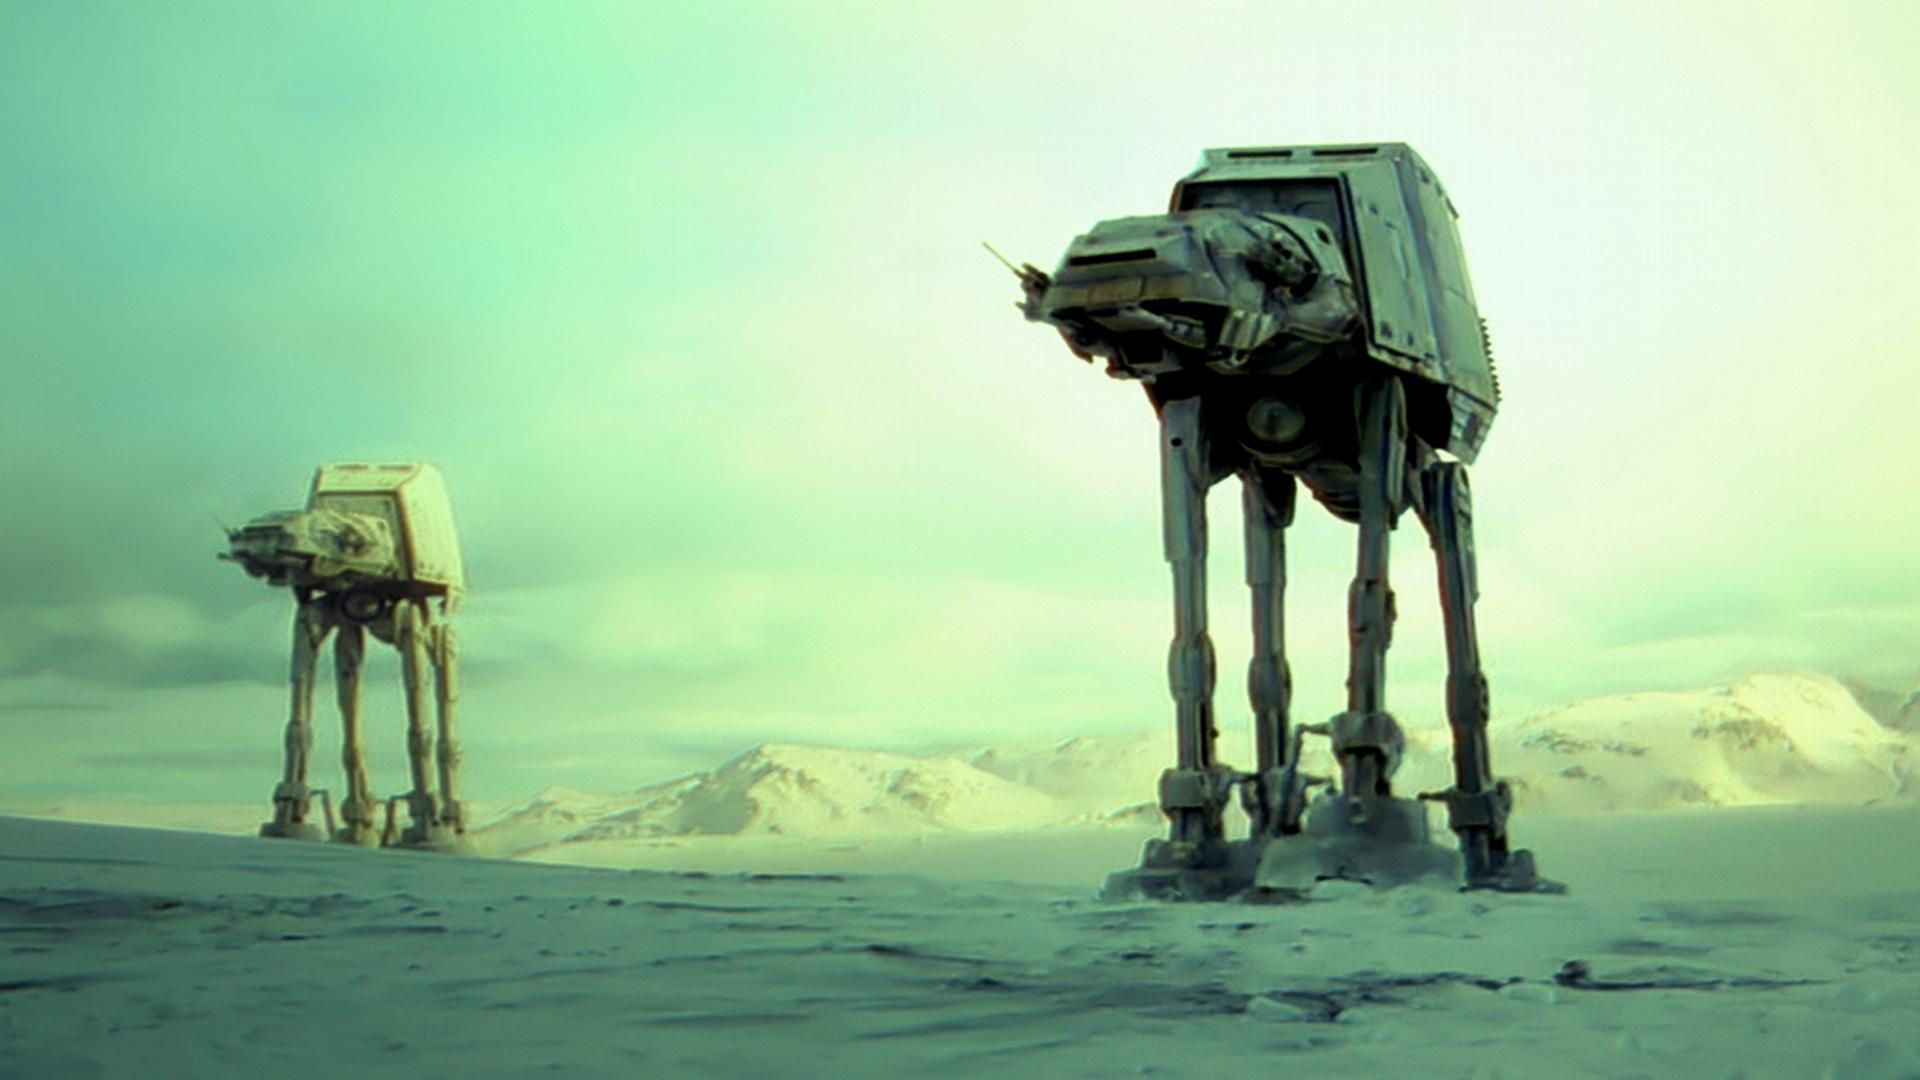 49 Hd Star Wars Wallpaper 1900x1200 On Wallpapersafari